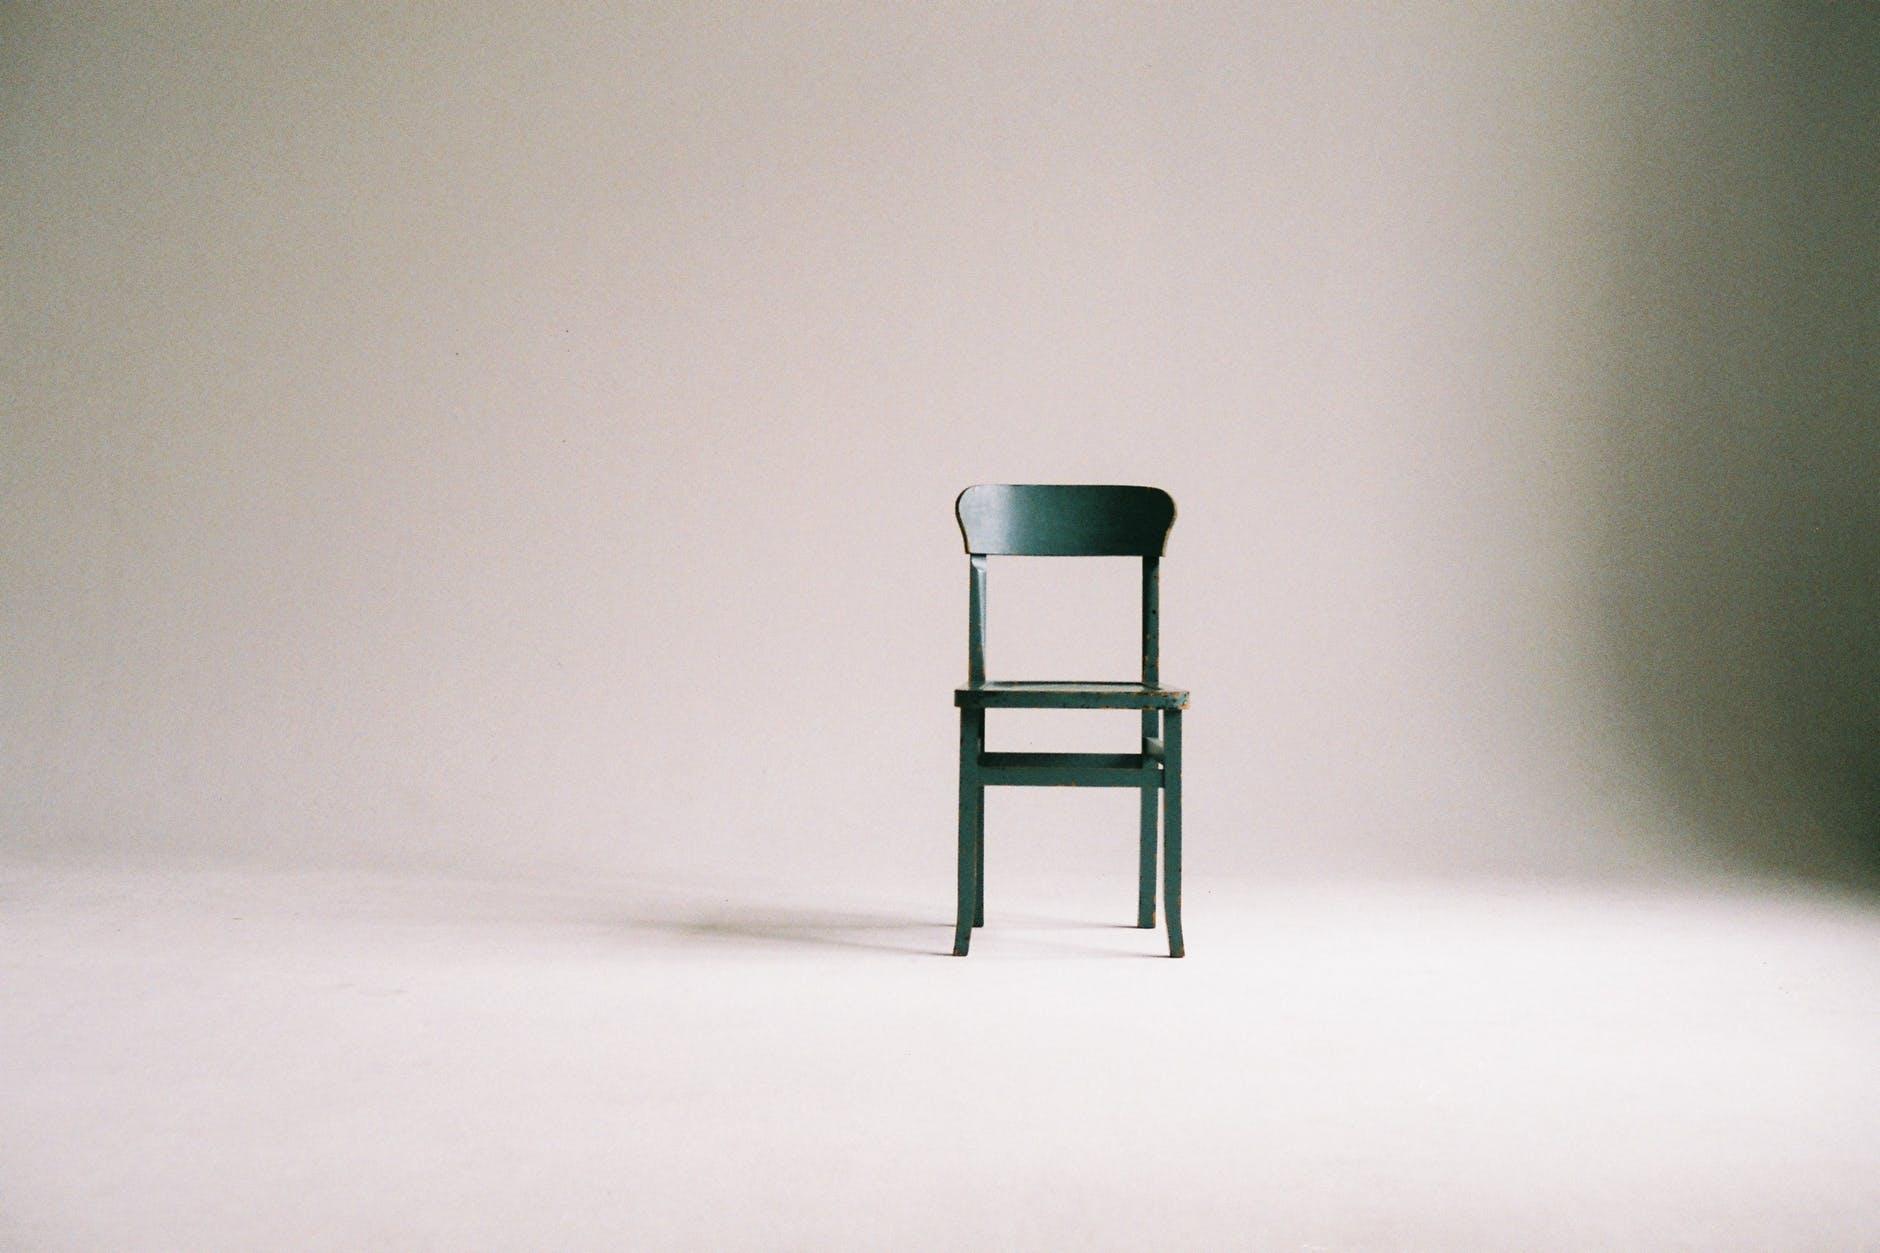 Grüner Stuhl vor einer leeren weißen Wand